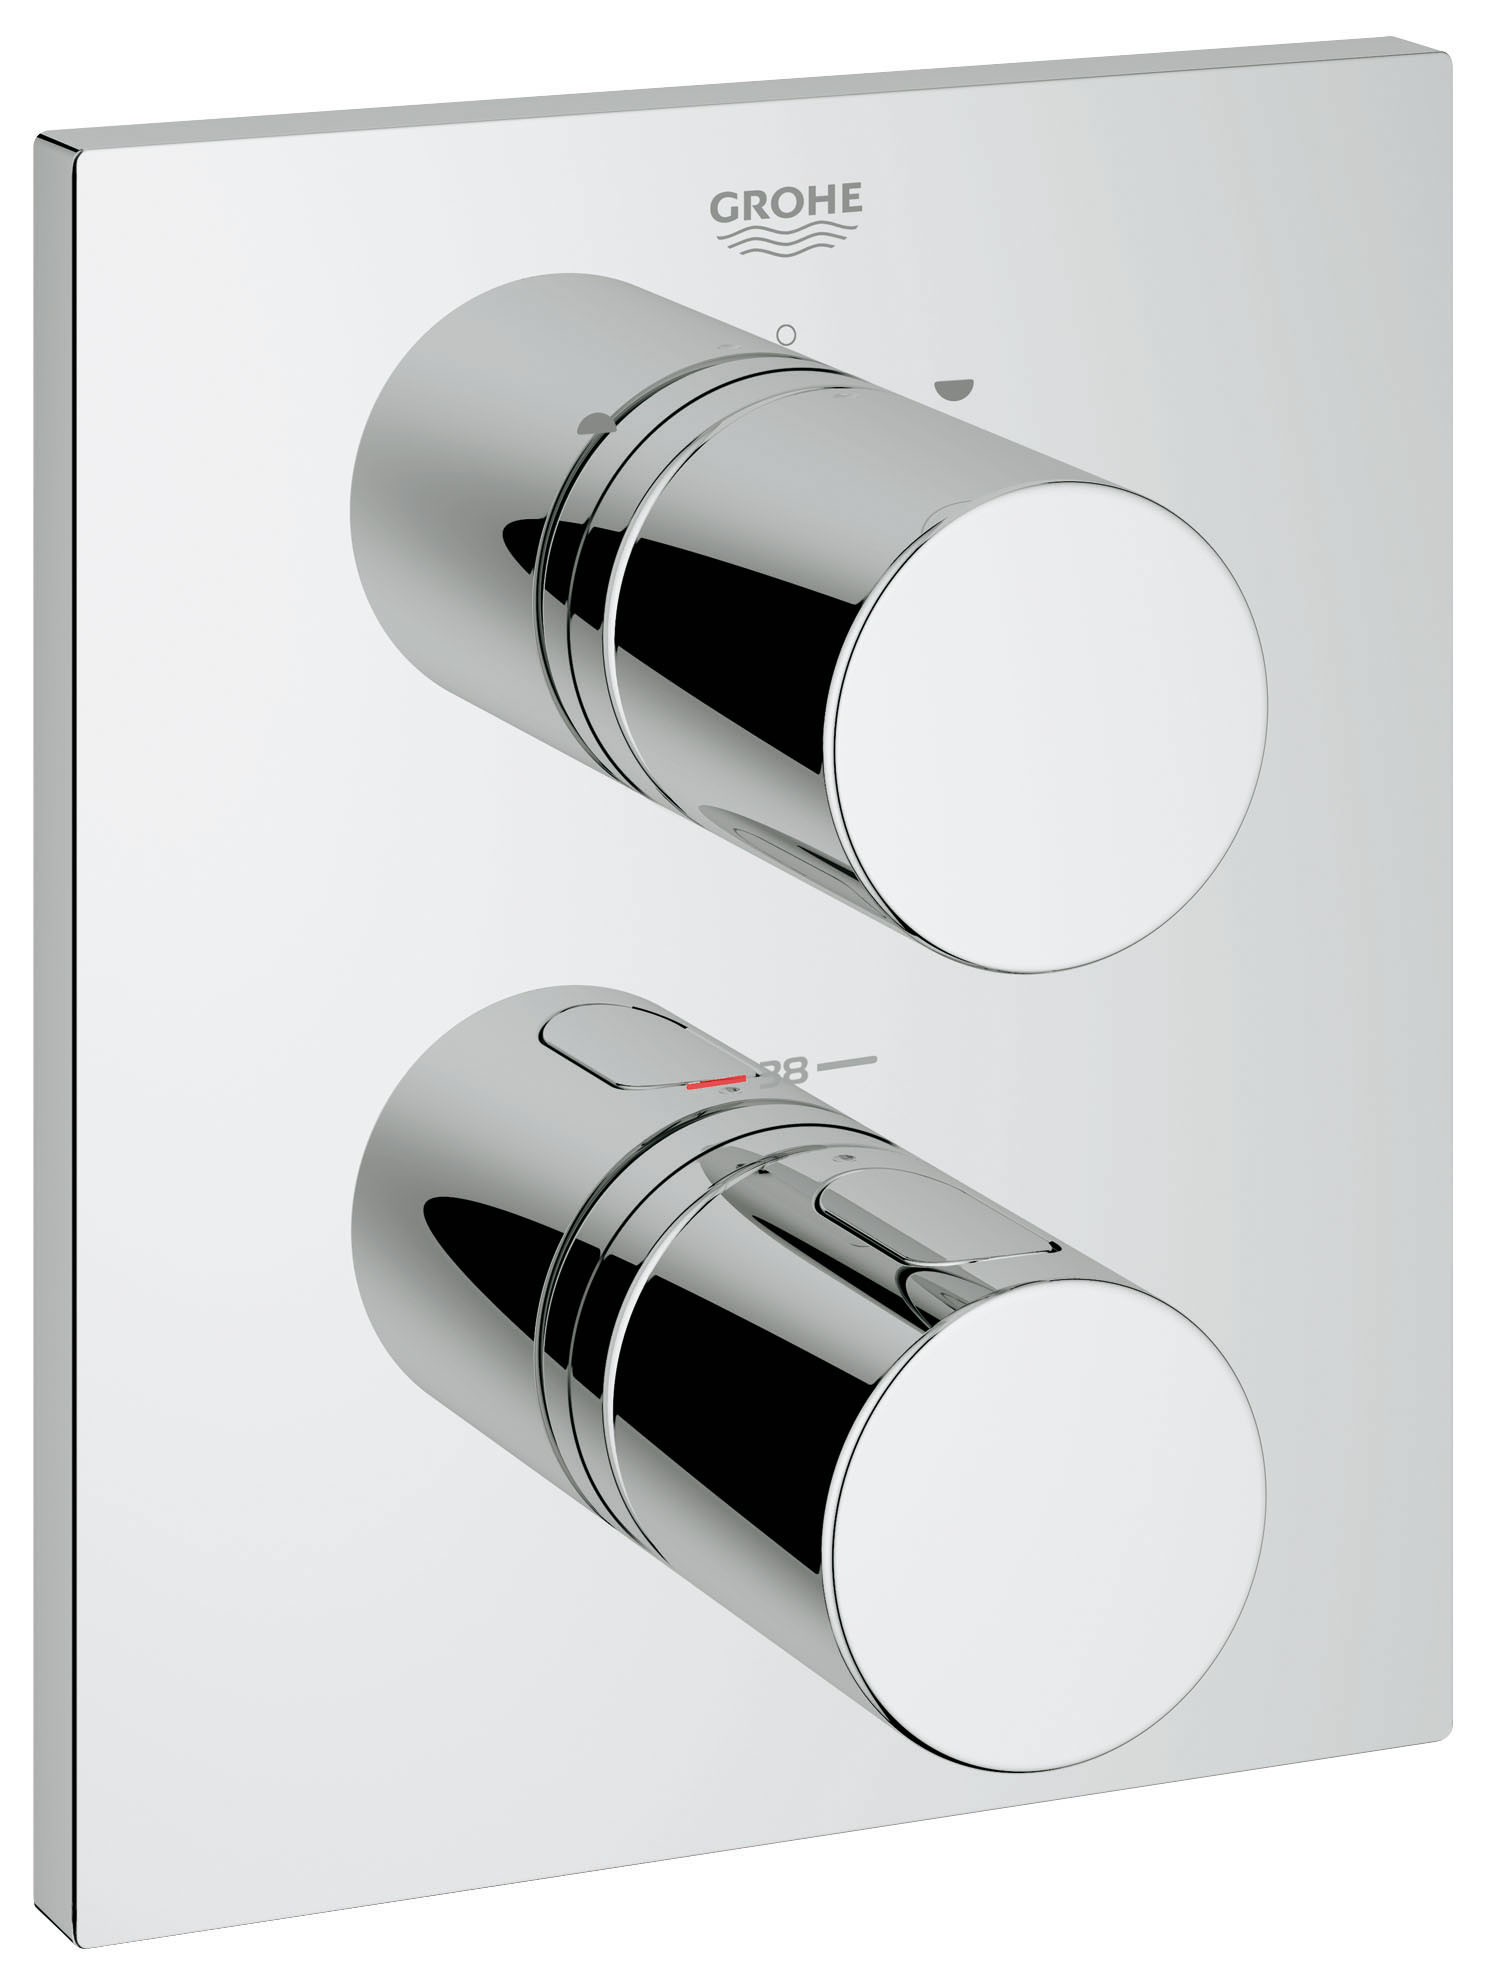 Термостатический смеситель для ванны GROHE Grohtherm 3000 Cosmopolitan (внешняя панель для арт. 35500000) (19567000)CD16093CКомплект верхней монтажной части для GROHE Rapido T 35 500 000 Без встраиваемого механизма GROHE StarLight хромированная поверхностьСтопор безопасности при 38°C Аквадиммер многофункциональный: Затвор воды и регулятор расхода Переключатель на 2 положения Прямоугольная настенная металлическаяРозетка со скрытым креплением иУплотнителем